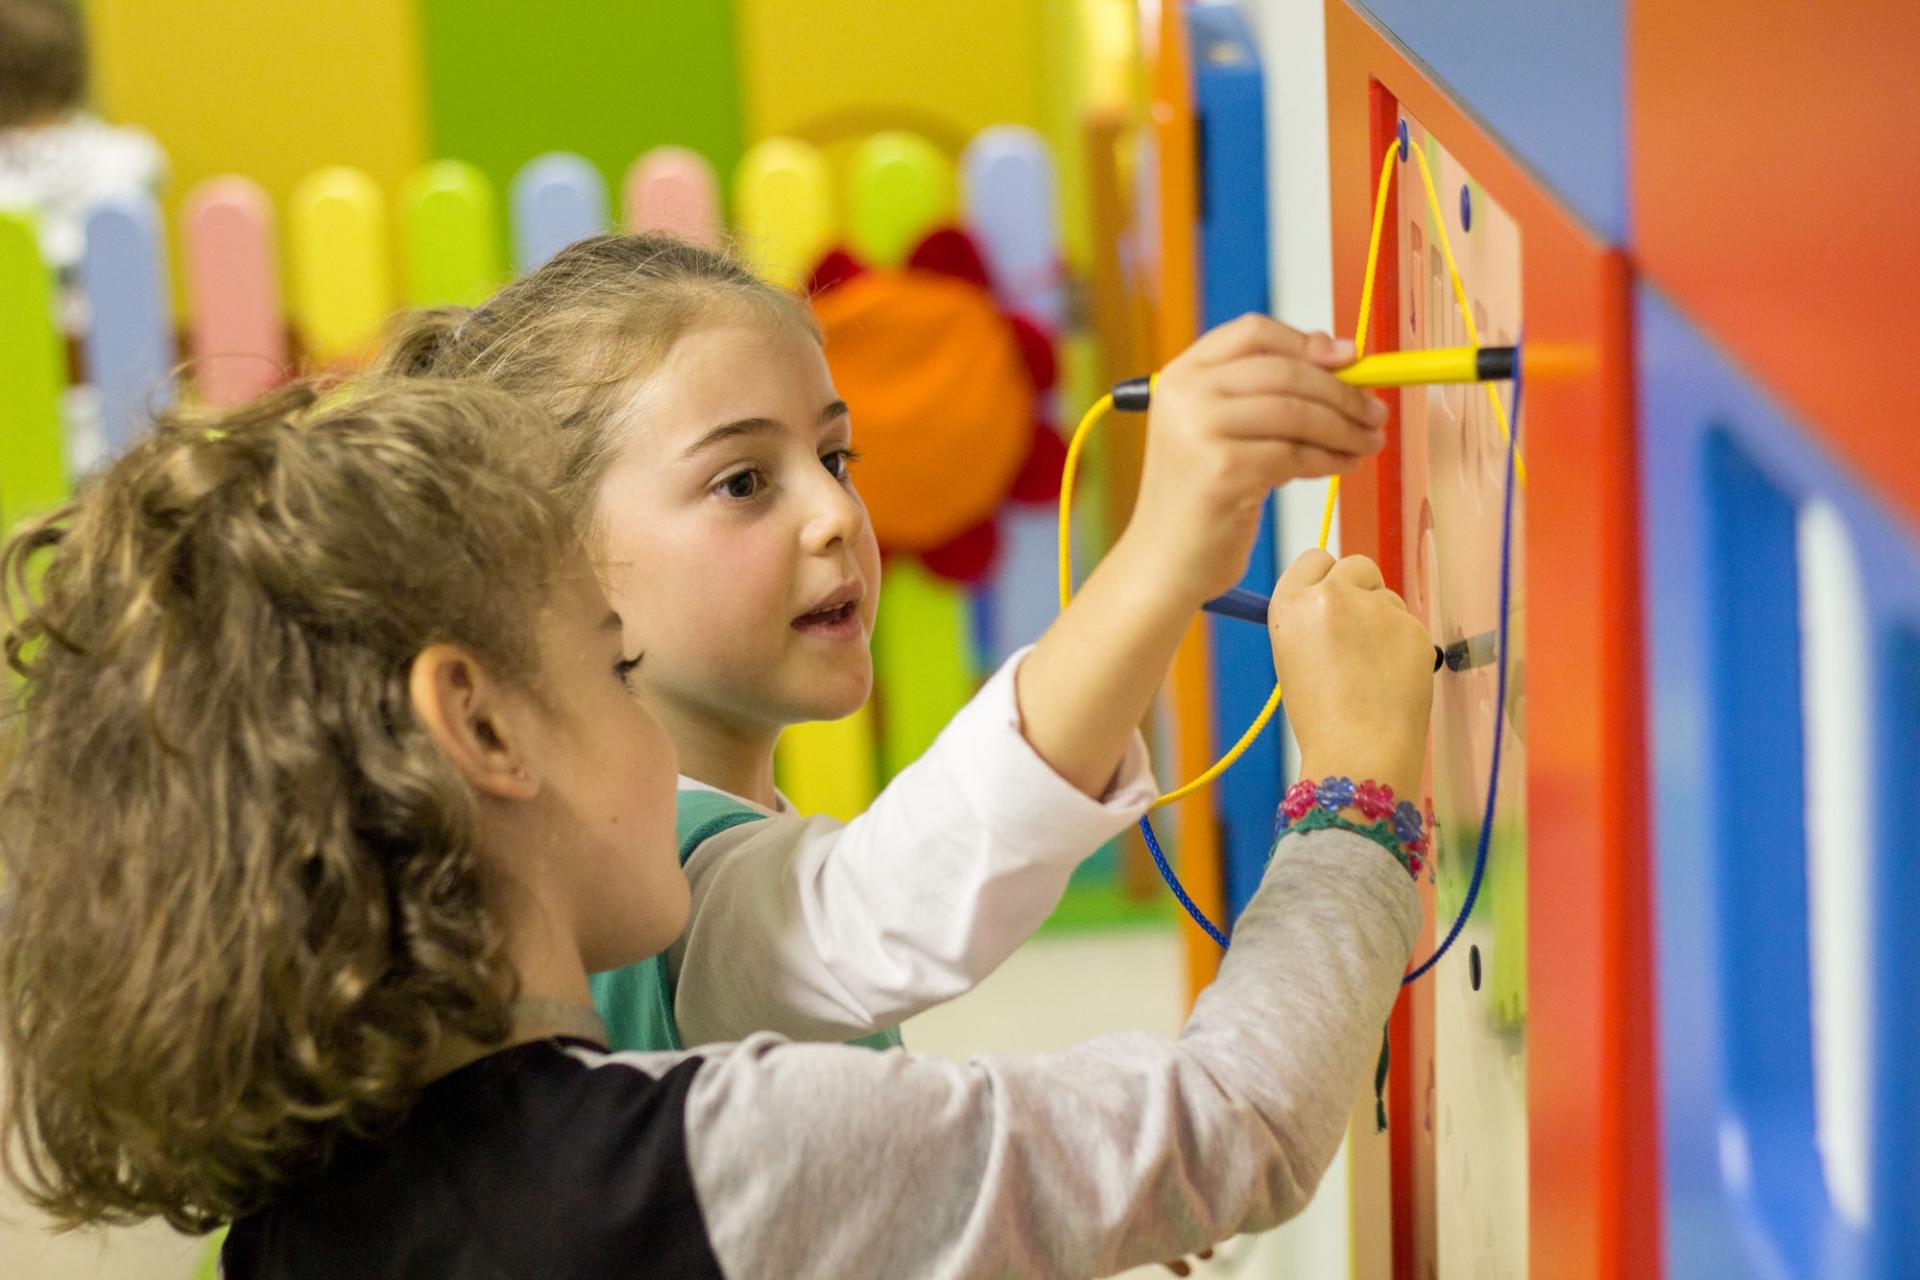 Immagine testata per Hotel with entertainment for children in Trentino